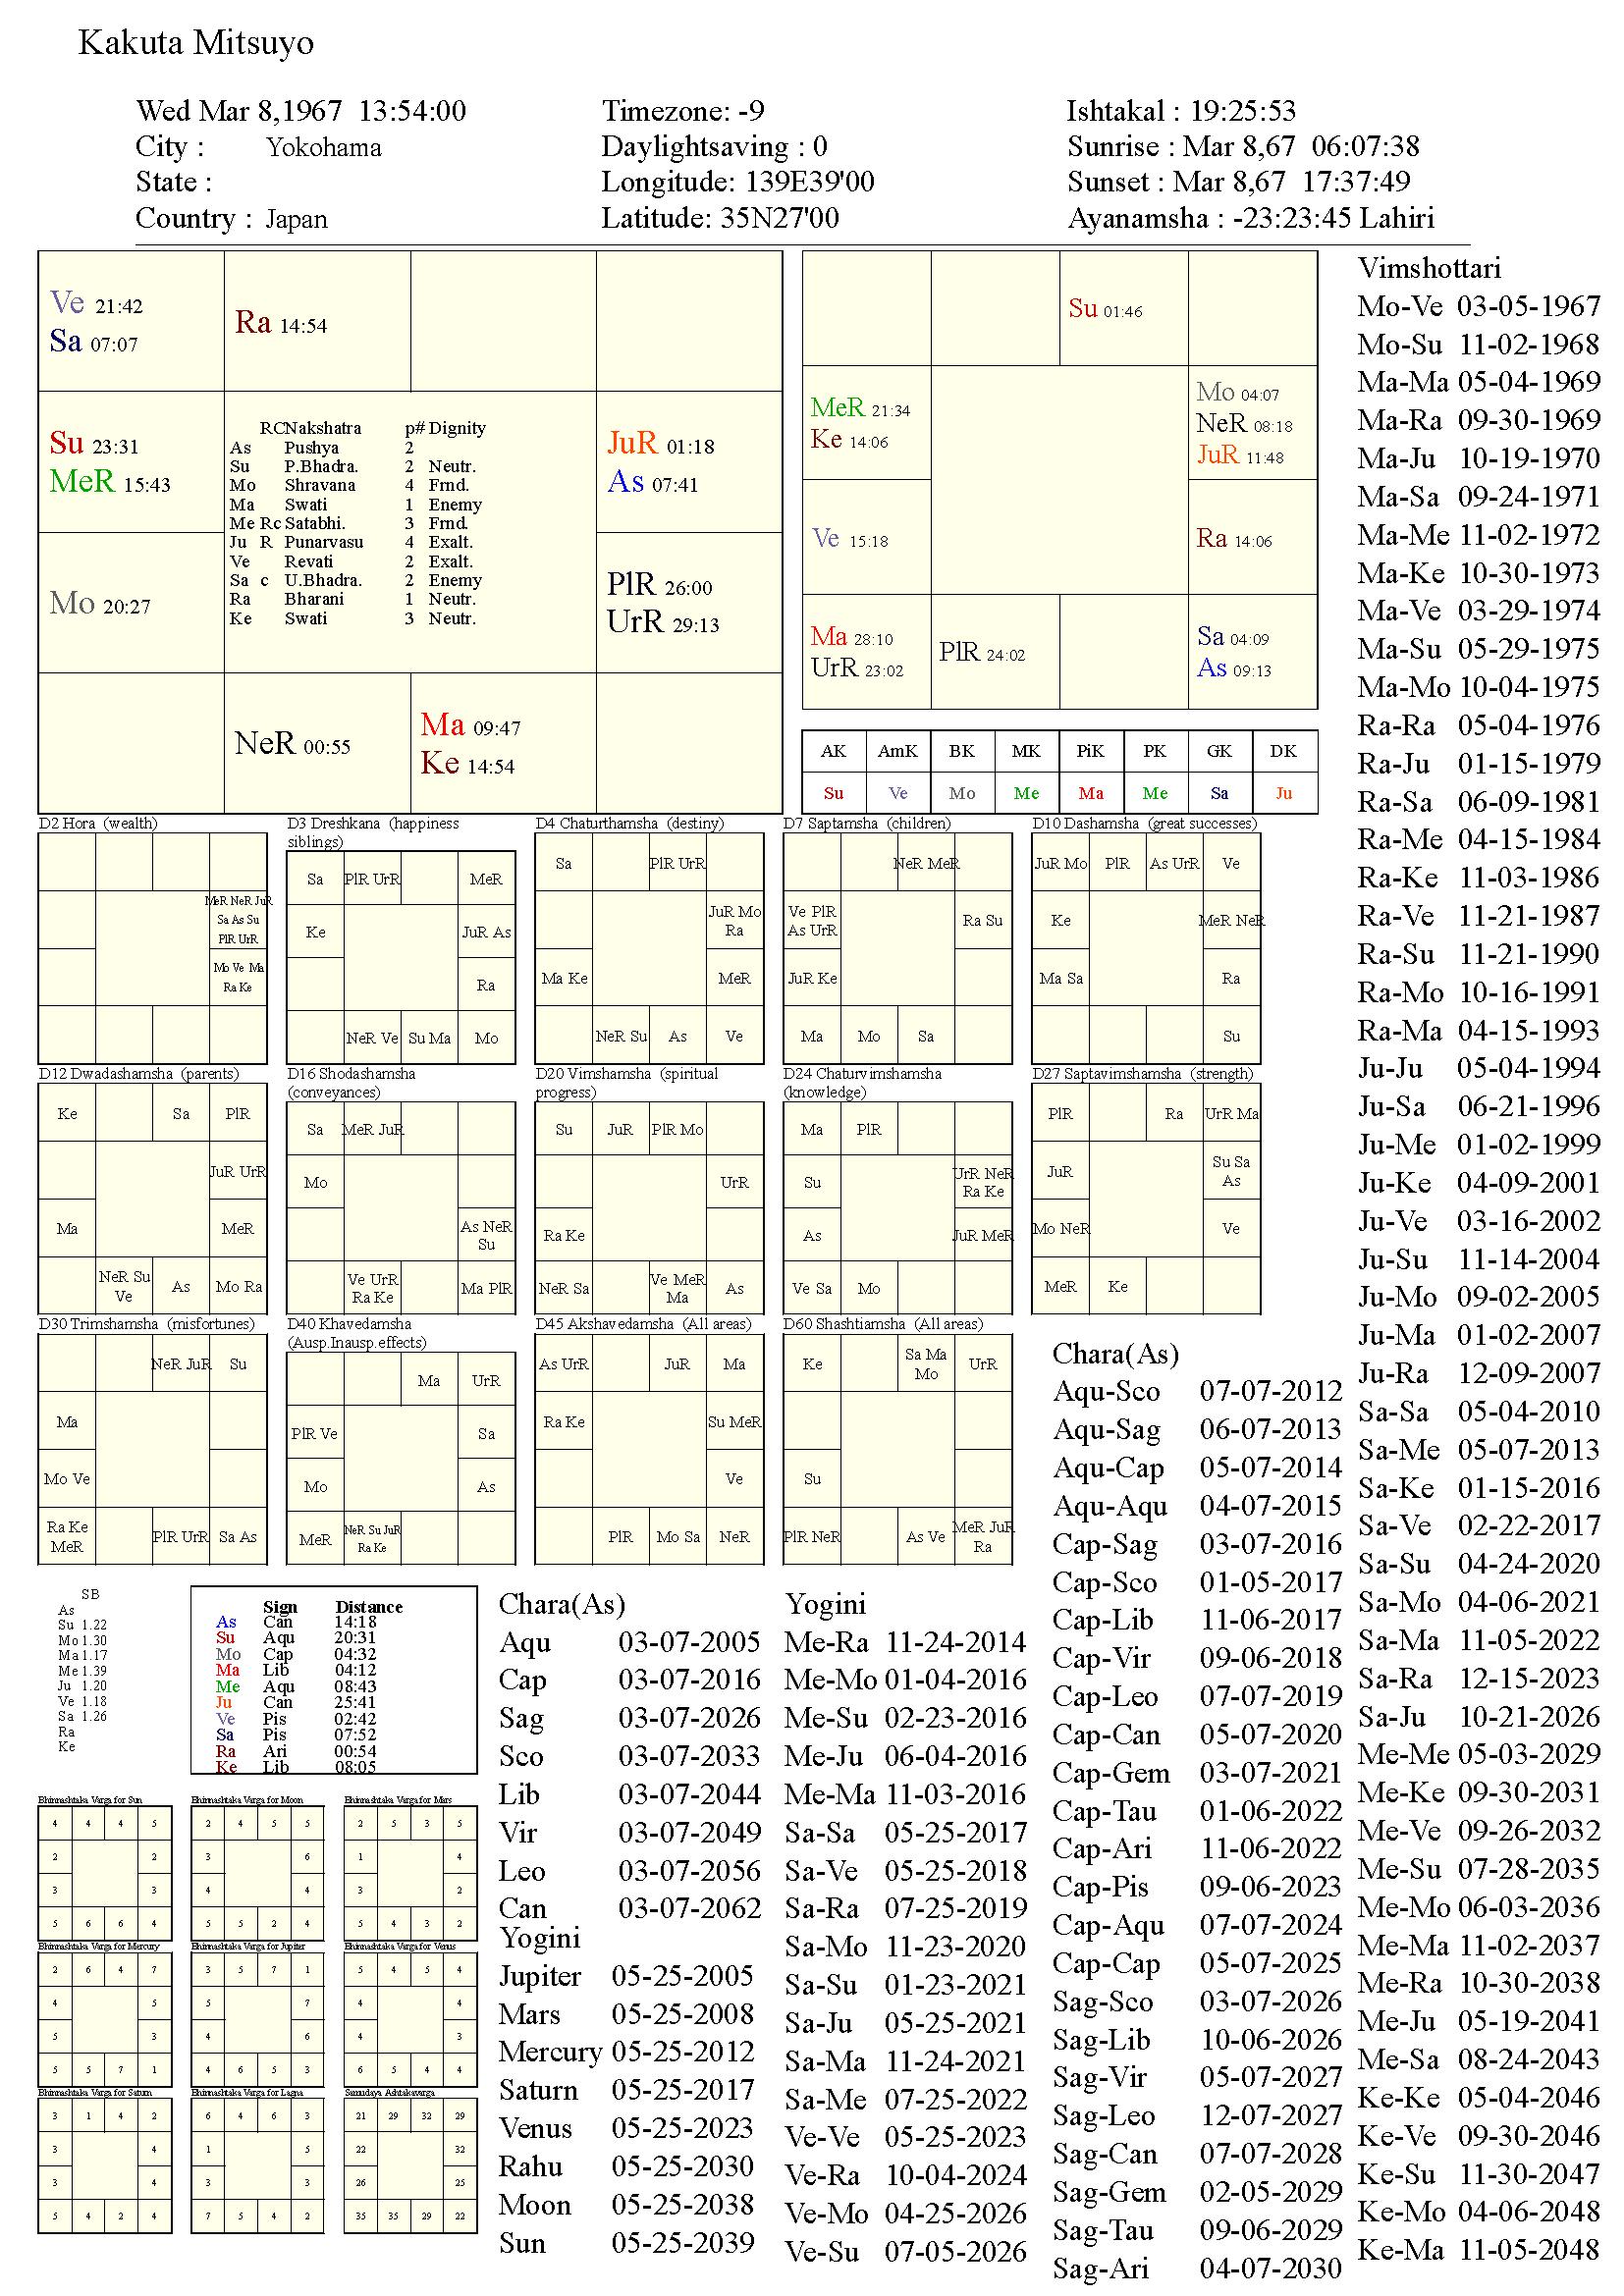 KakutaMitsuyo_chart